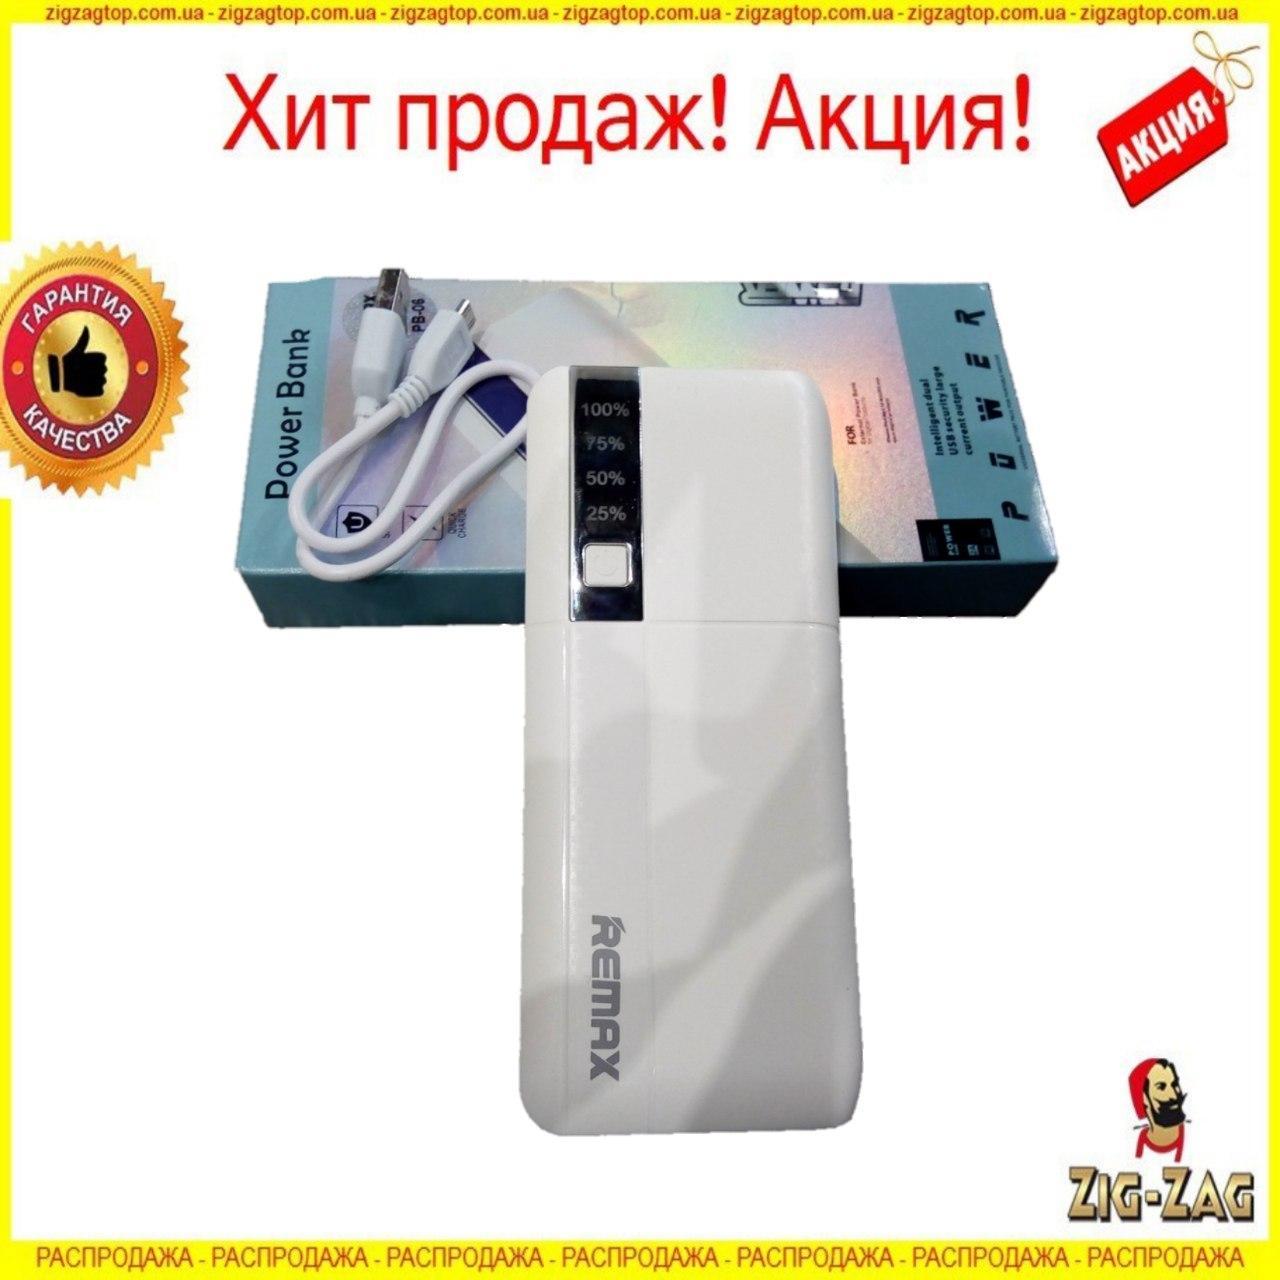 Портативний Power Bank Повер Банк 60000 mAh REMAX PB 06 Зовнішній Акумулятор Заряджання Ремакс Батарея Повербанк